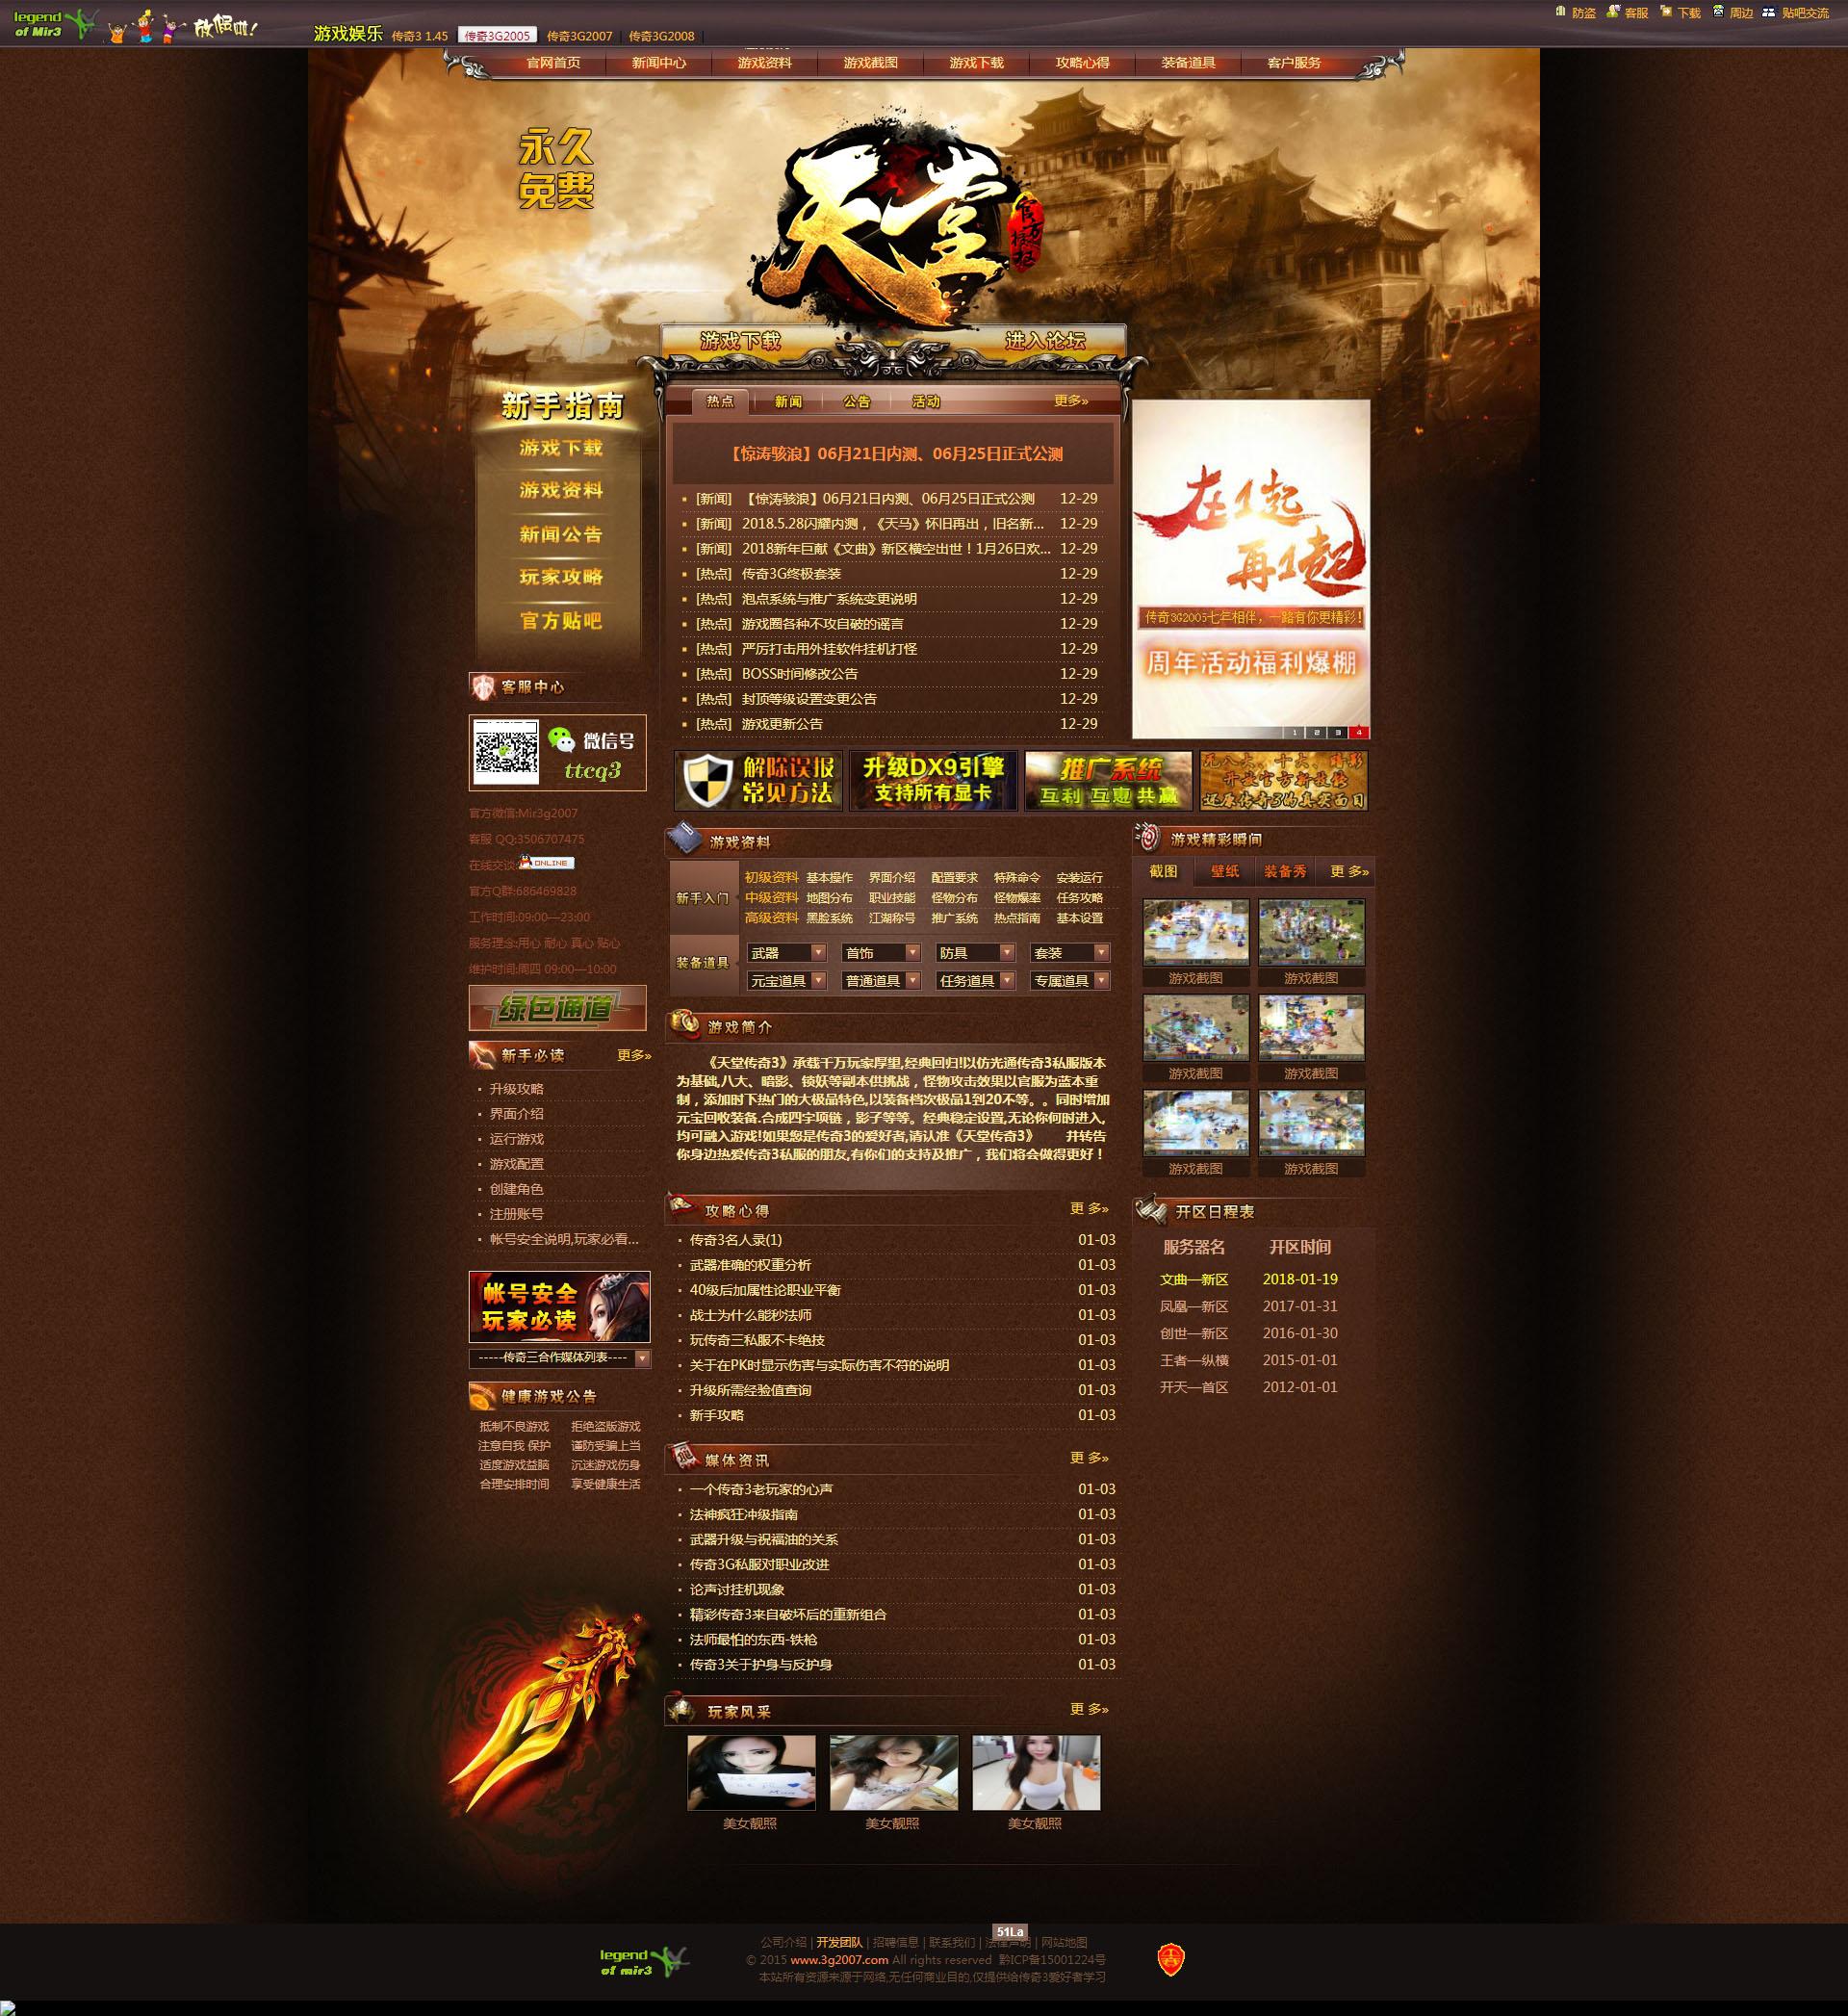 天堂传奇3_传奇3网站模板_新开传奇3私服 游戏网站模板ASP带后台